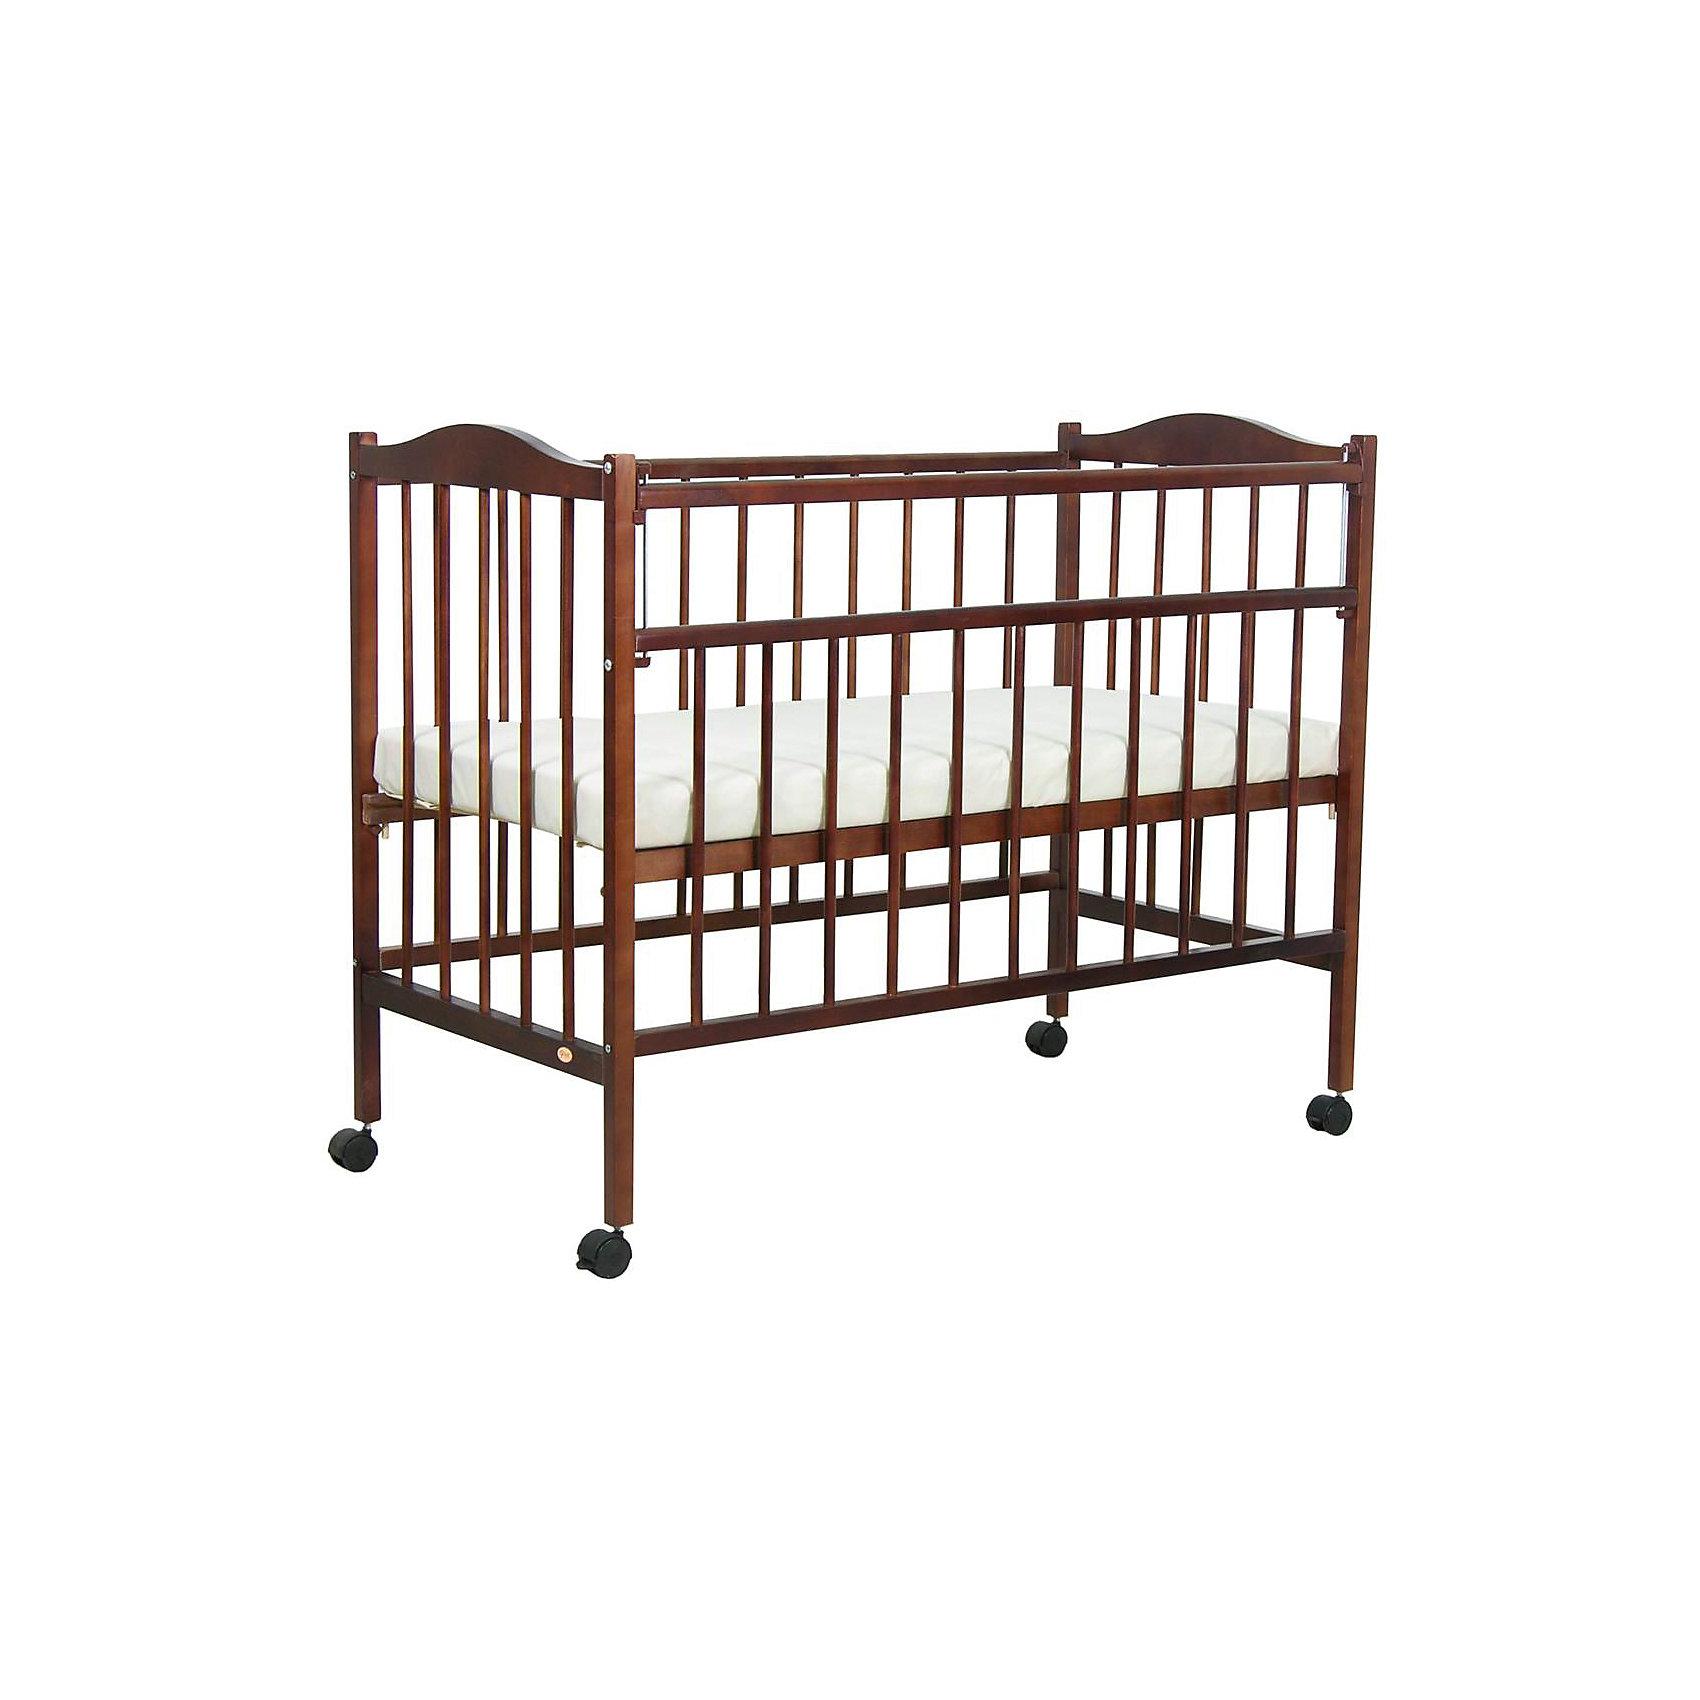 Кроватка 203, Фея, орехКроватки<br>Кроватка Фея подарит малышам комфортный отдых и сладкий сон с первых дней жизни. Кроватка изготовлена из высококачественных экологичных, безопасных для детей материалов, она вместительная и прочная, поэтому прослужит вам и вашему малышу очень долго. Реечное дно модели регулируется в двух положениях - когда ваш кроха подрастет, опустите ложе и не беспокойтесь о том, что юный непоседа сможет самостоятельно выбраться из своего гнездышка.  Благодаря специальному механизму Ушко, боковая стенка кровати быстро и легко опускается. Кровать имеет колесики, с помощью которых ее удобно перемещать по комнате.<br><br>Дополнительная информация:<br><br>- Материал: дерево (массив березы).<br>- Размеры: 126х70х101 см. <br>- Для матраса размером: 120x60 см.<br>- Ложе регулируется в 2-х положениях.<br>- Передняя стенка опускается. <br>- Дно: реечное.<br>- Стенки: реечные. <br>- Колеса. <br><br>Кроватку 203, Фея, орех, можно купить в нашем магазине.<br><br>Ширина мм: 1010<br>Глубина мм: 1260<br>Высота мм: 660<br>Вес г: 14350<br>Возраст от месяцев: 0<br>Возраст до месяцев: 36<br>Пол: Унисекс<br>Возраст: Детский<br>SKU: 4796976